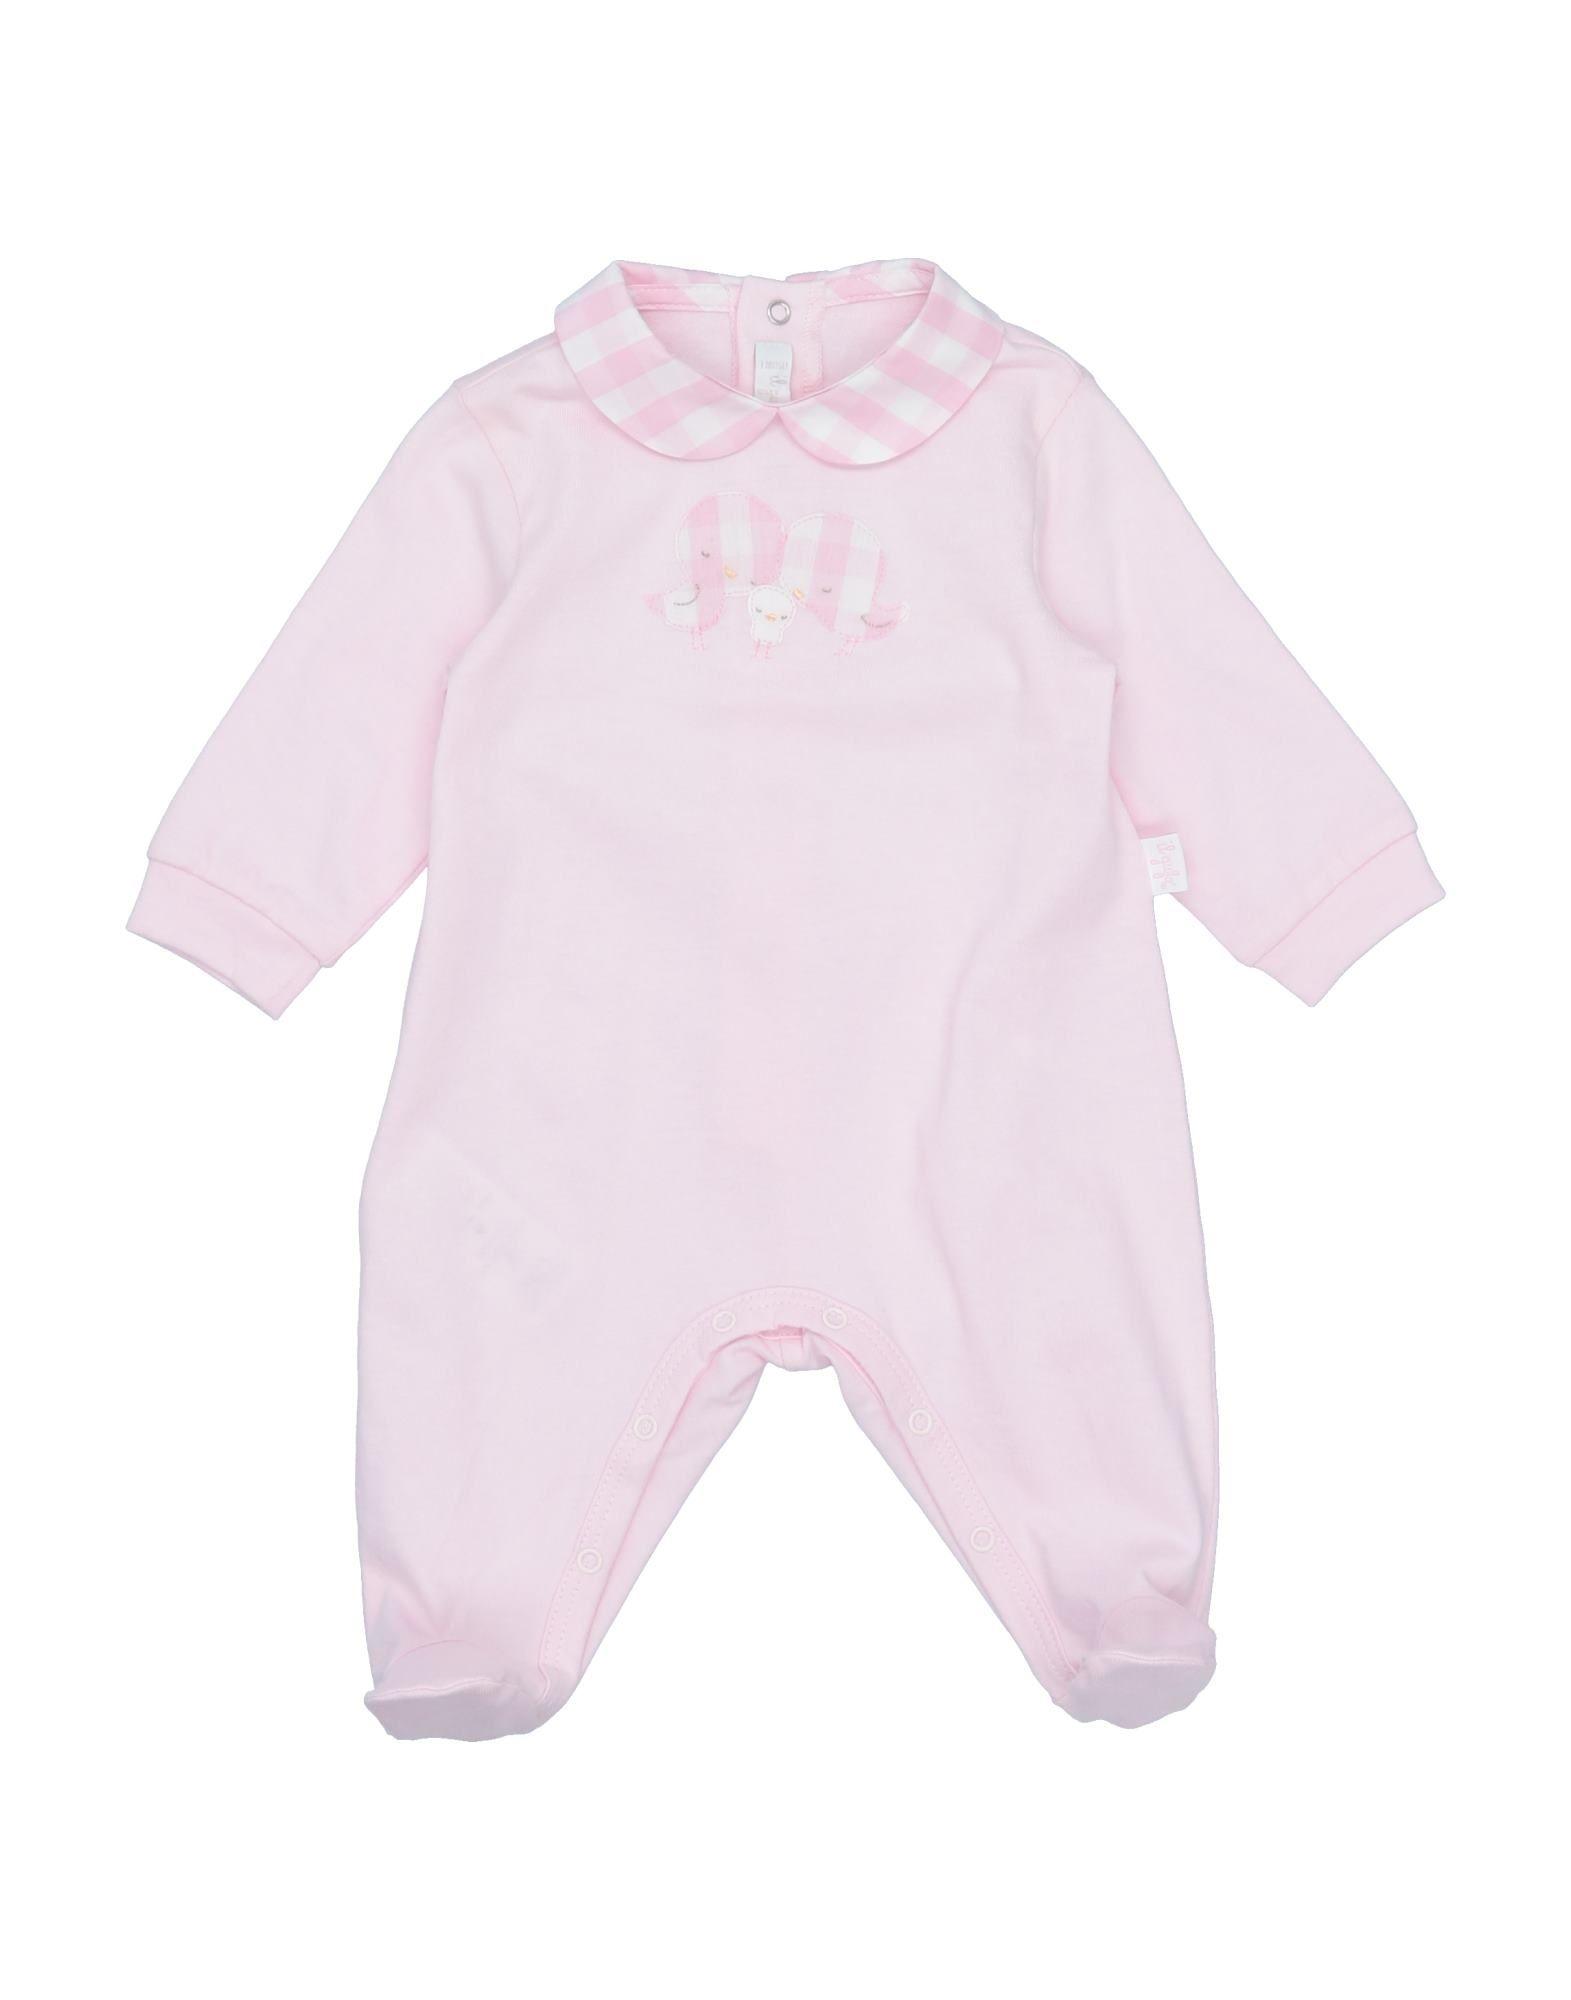 YOOX.COM(ユークス)《セール開催中》IL GUFO ガールズ 0-24 ヶ月 乳幼児用ロンパース ピンク 9 コットン 100%